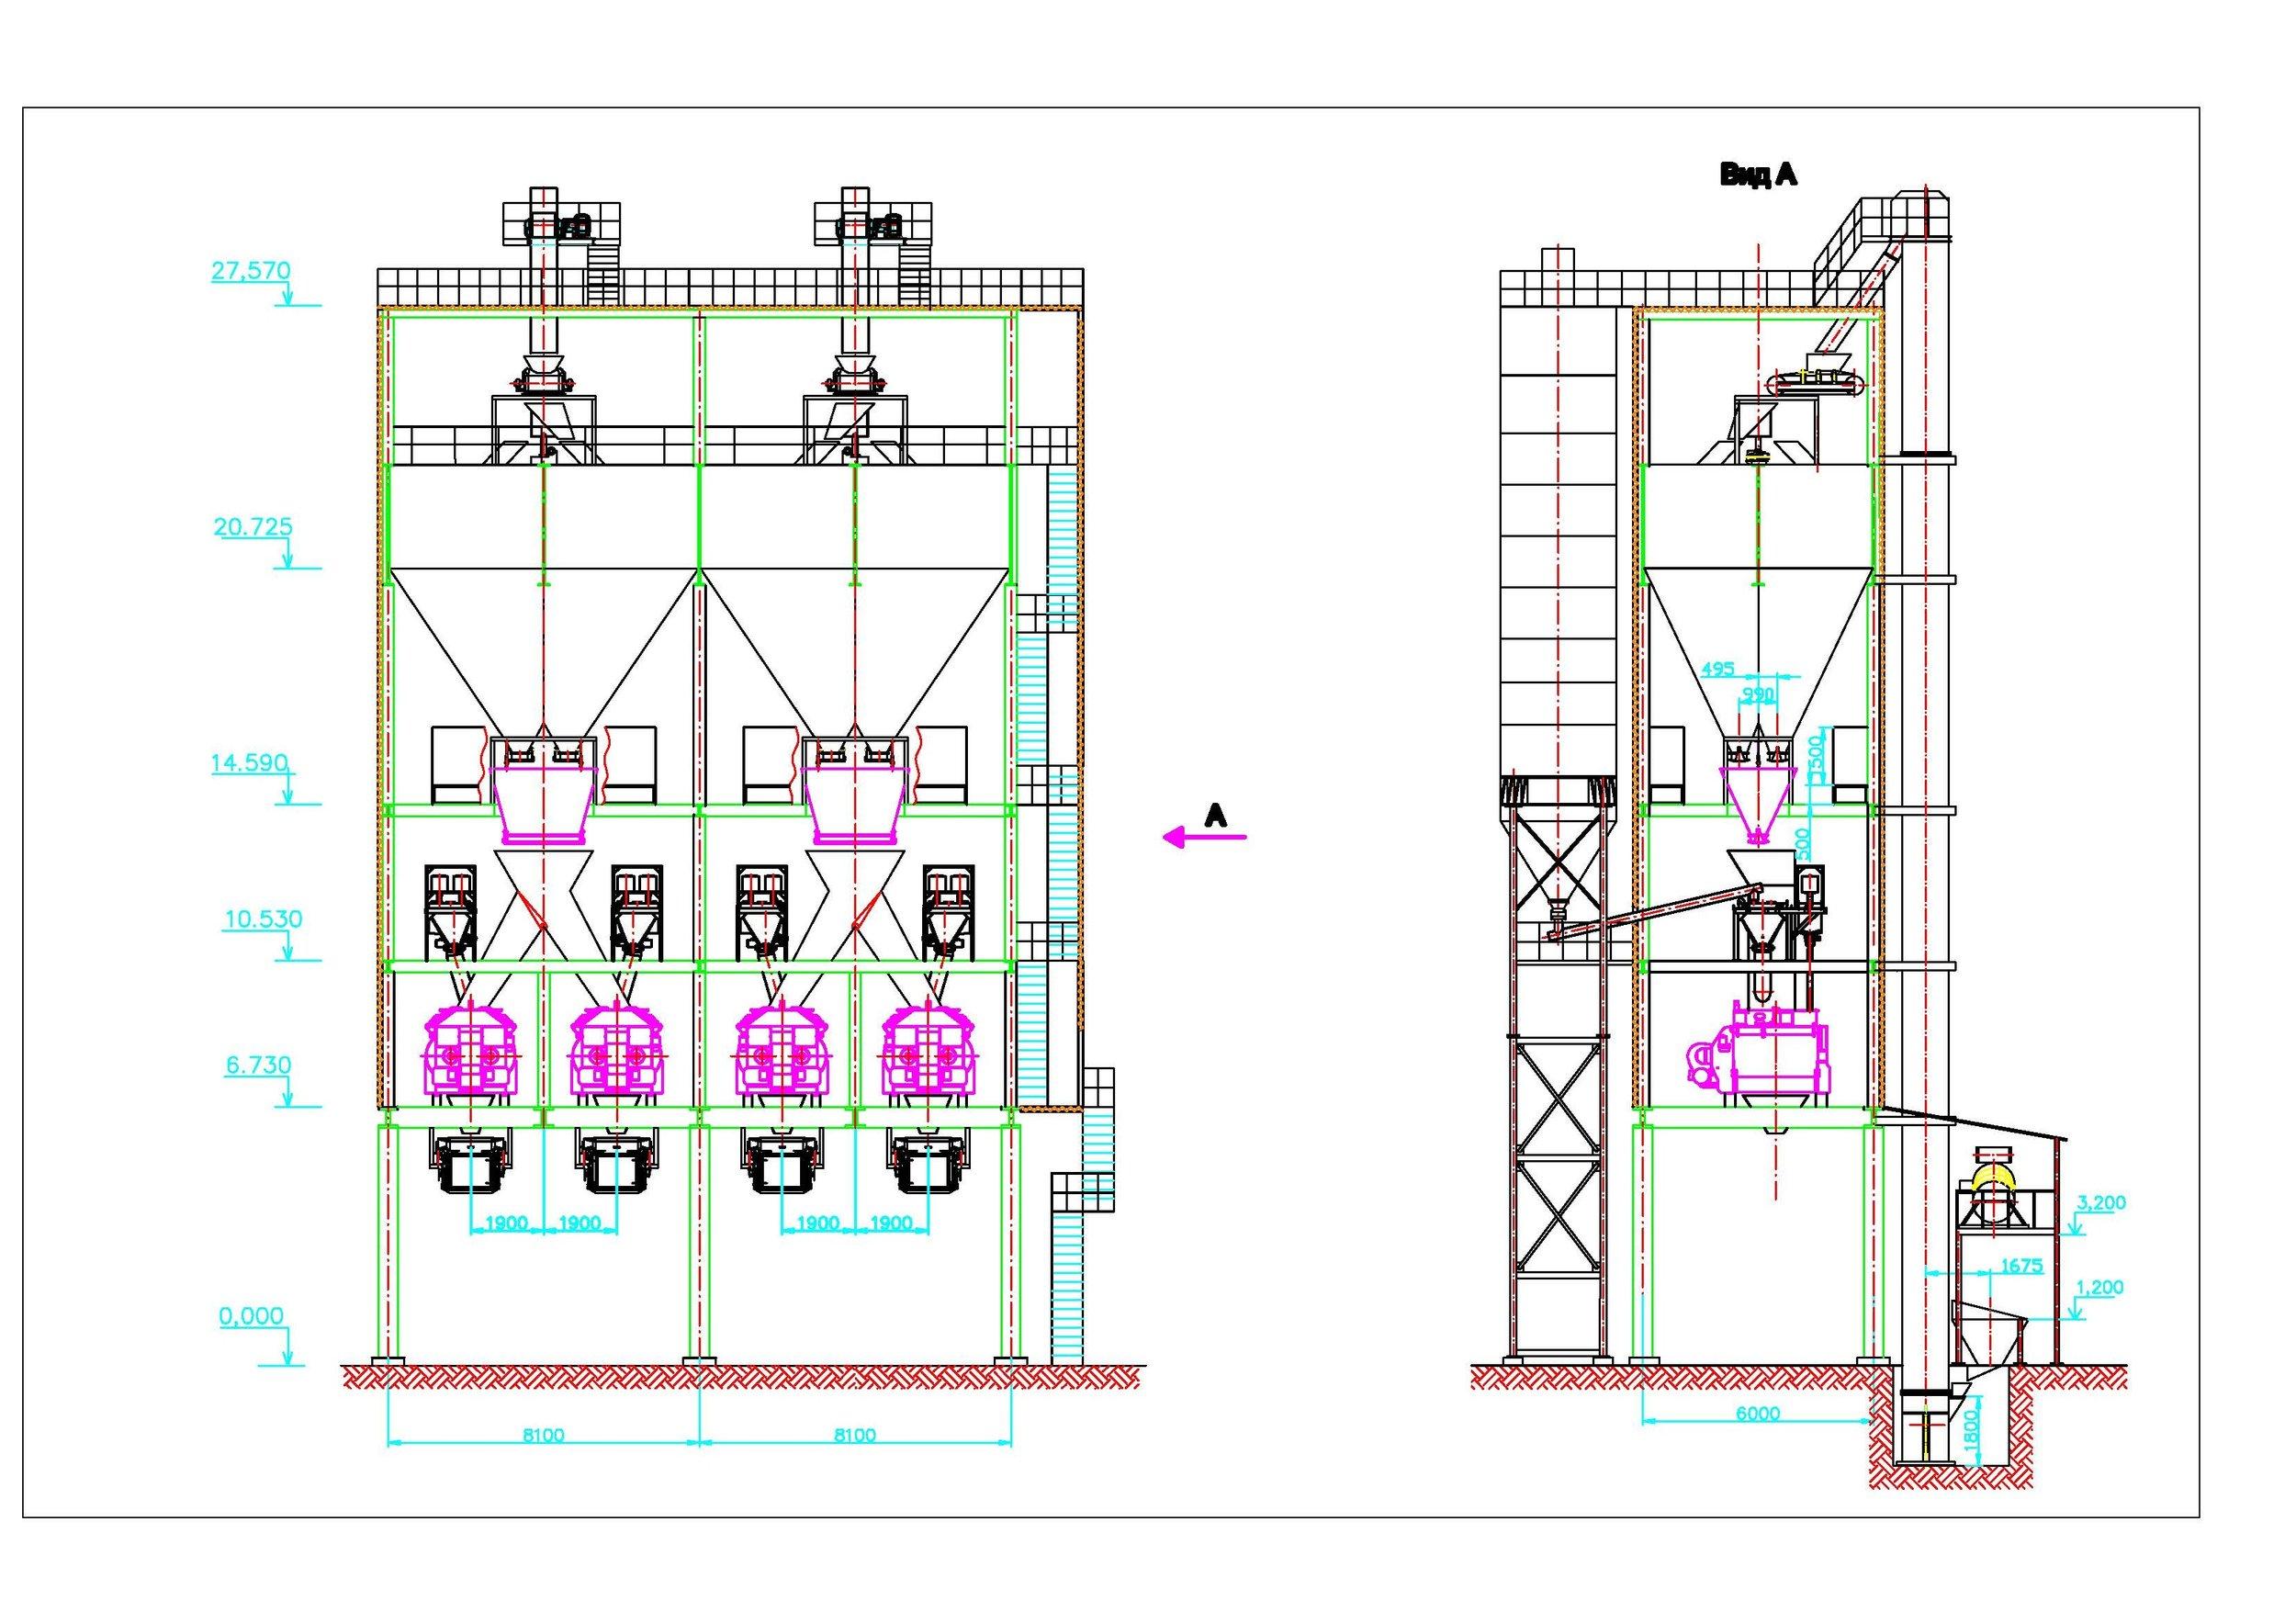 Башня на четыре смесителя 21.12.2015.jpg